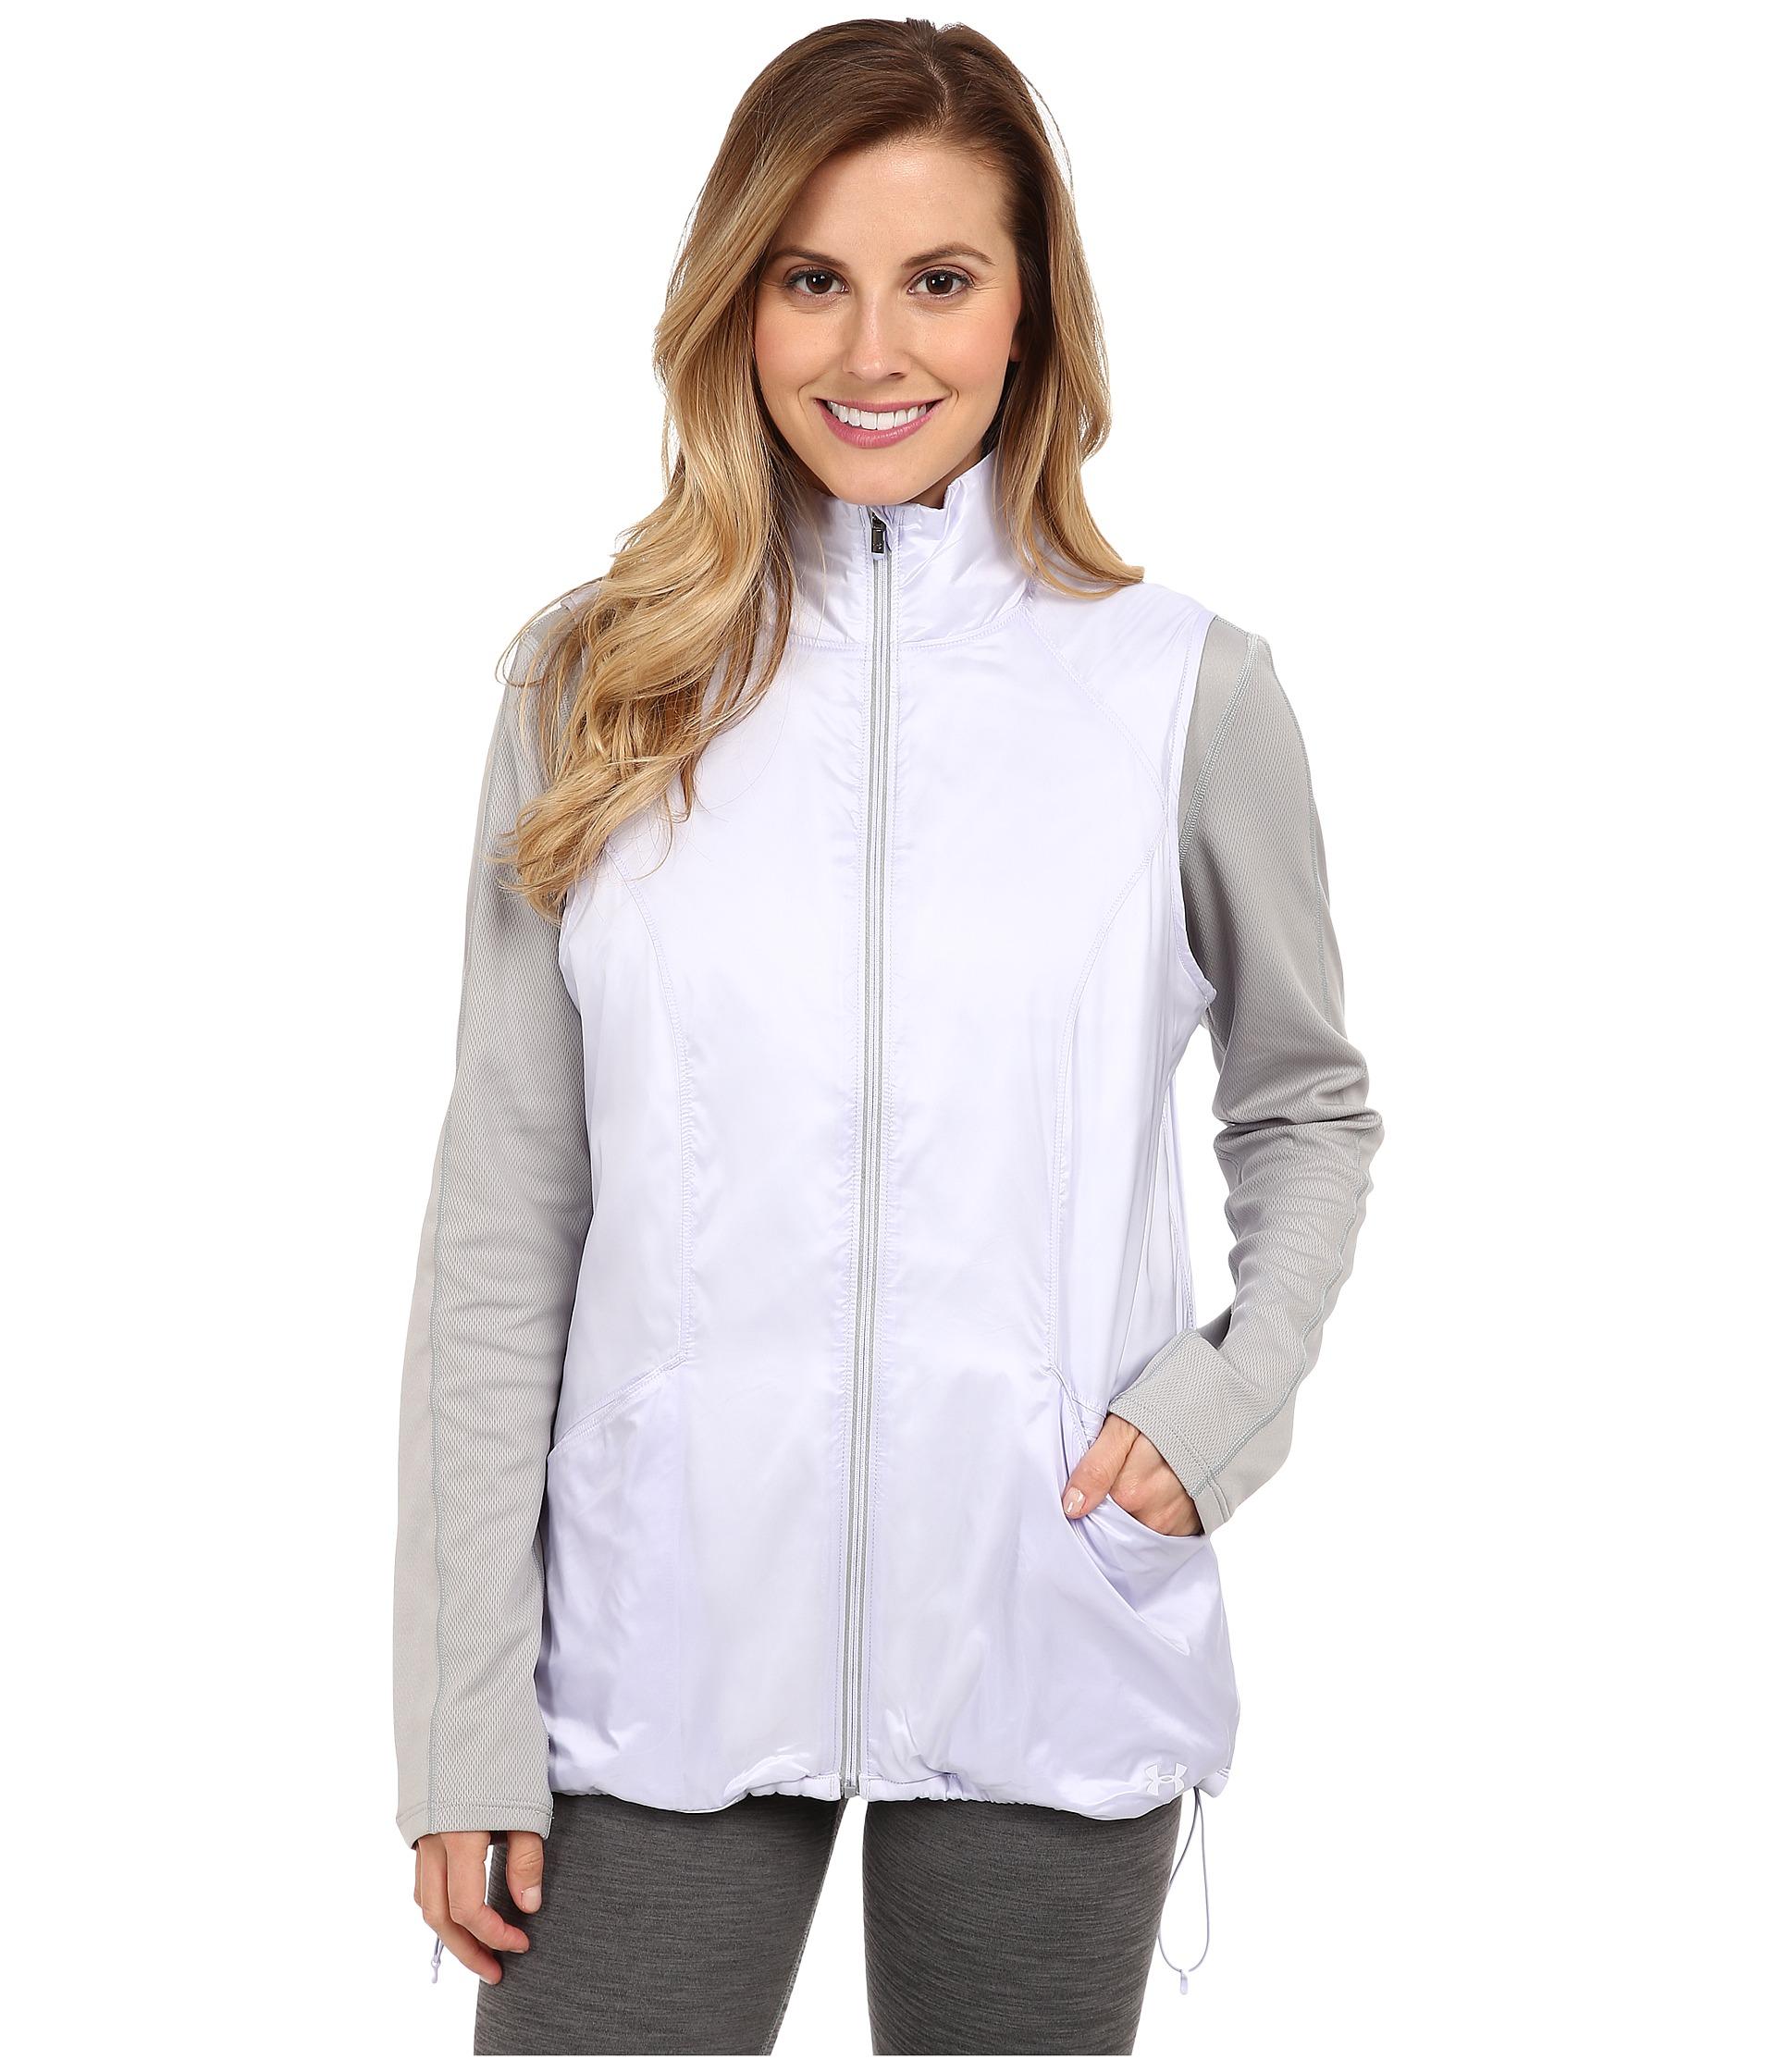 Under Armour UA Infrared Vest $44.99 (50% off MSRP $89.99